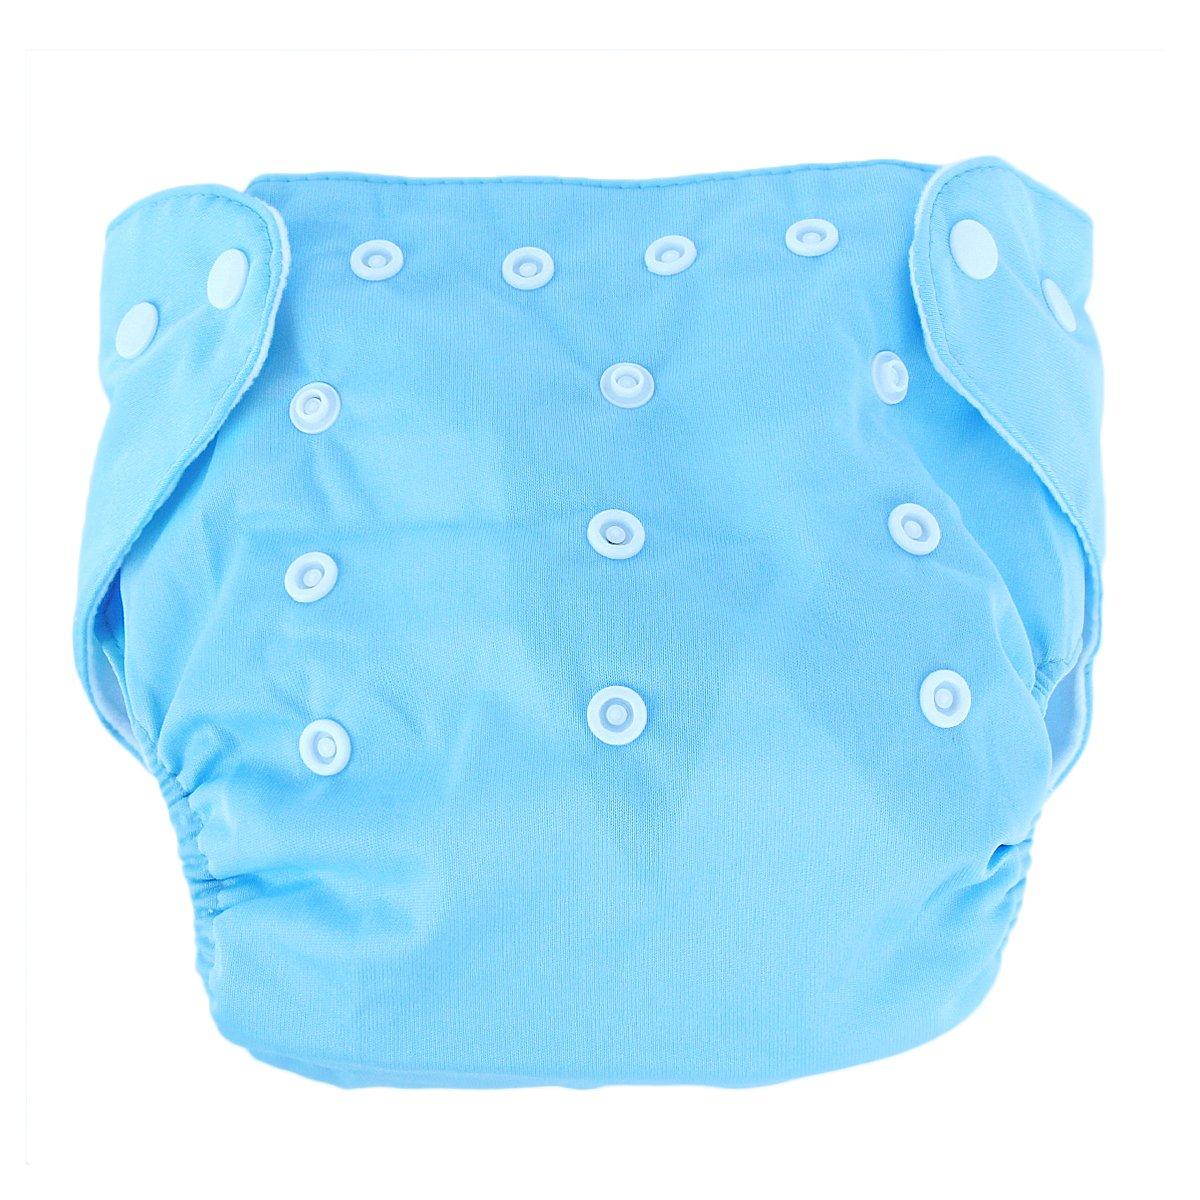 5 St/ück Wiederverwendbare Waschbare Verstellbar Babywindeln Baby Windelhose Baby-Tuch-Windel Weicher Stoff Gr/ö/ße Verstellbar Blau